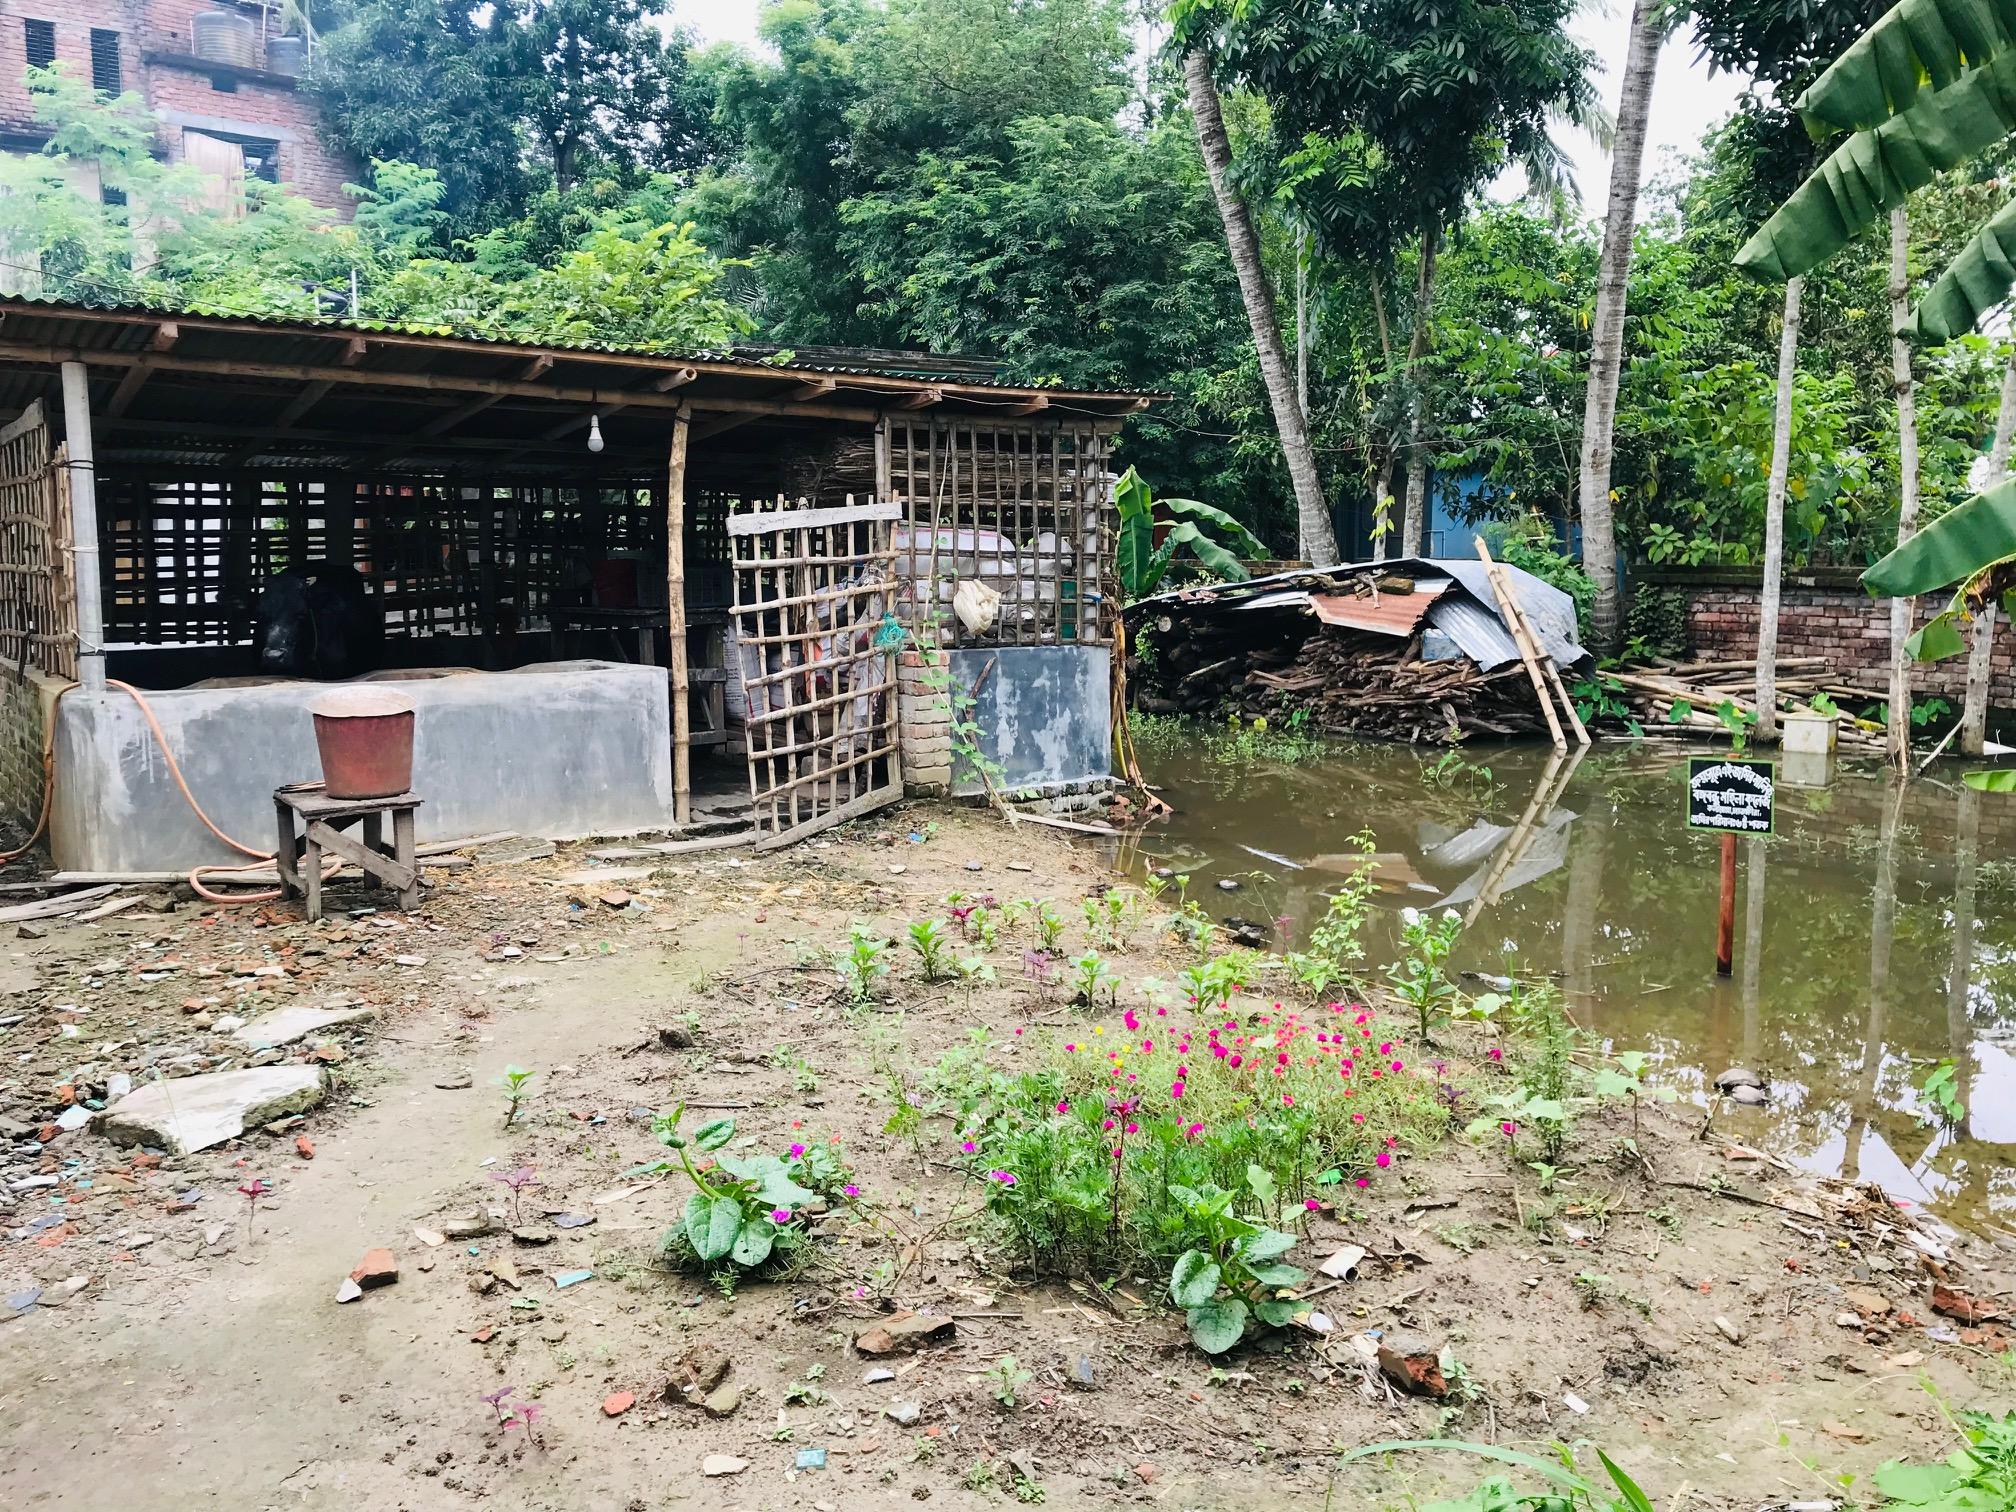 কলারোয়া মহিলা ডিগ্রী কলেজের জমিতে গোয়ালঘর নির্মাণ